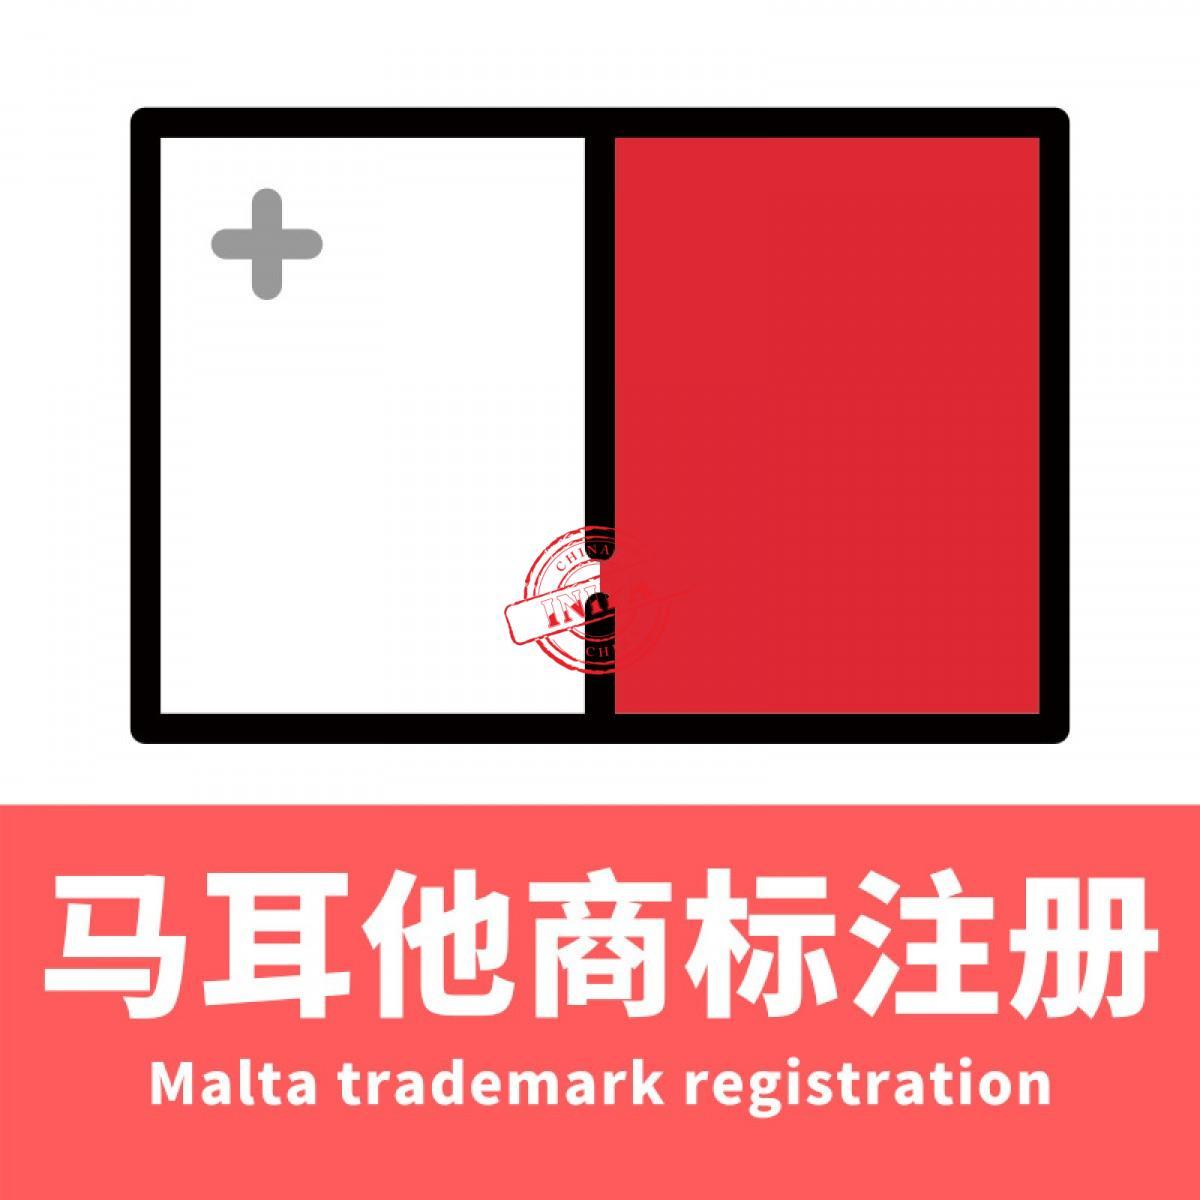 马耳他商标注册/Malta trademark registration